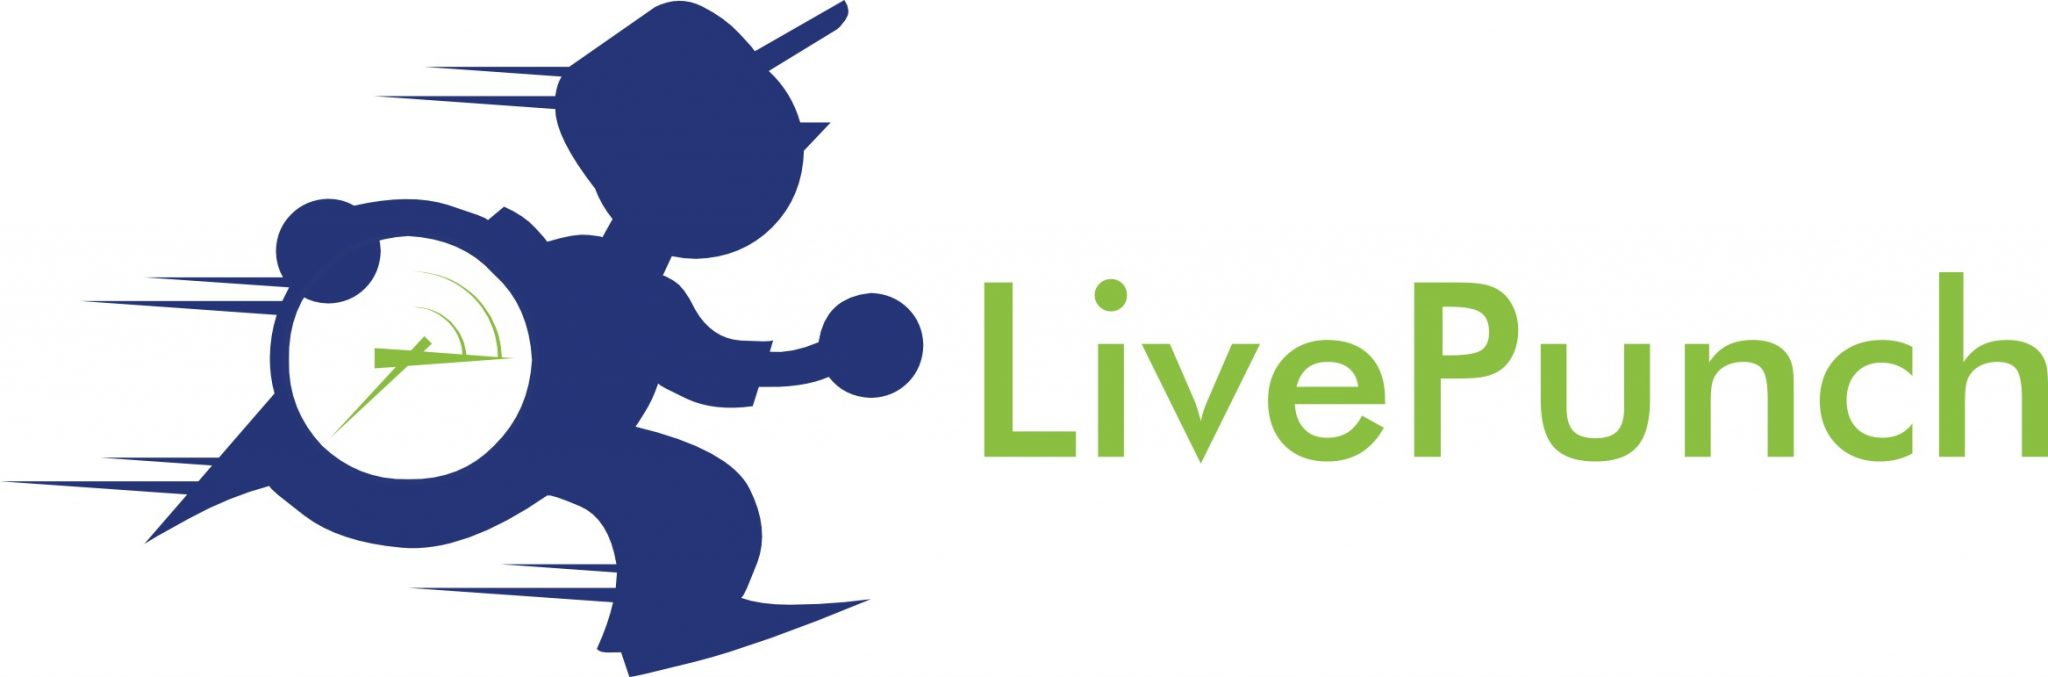 LivePunch